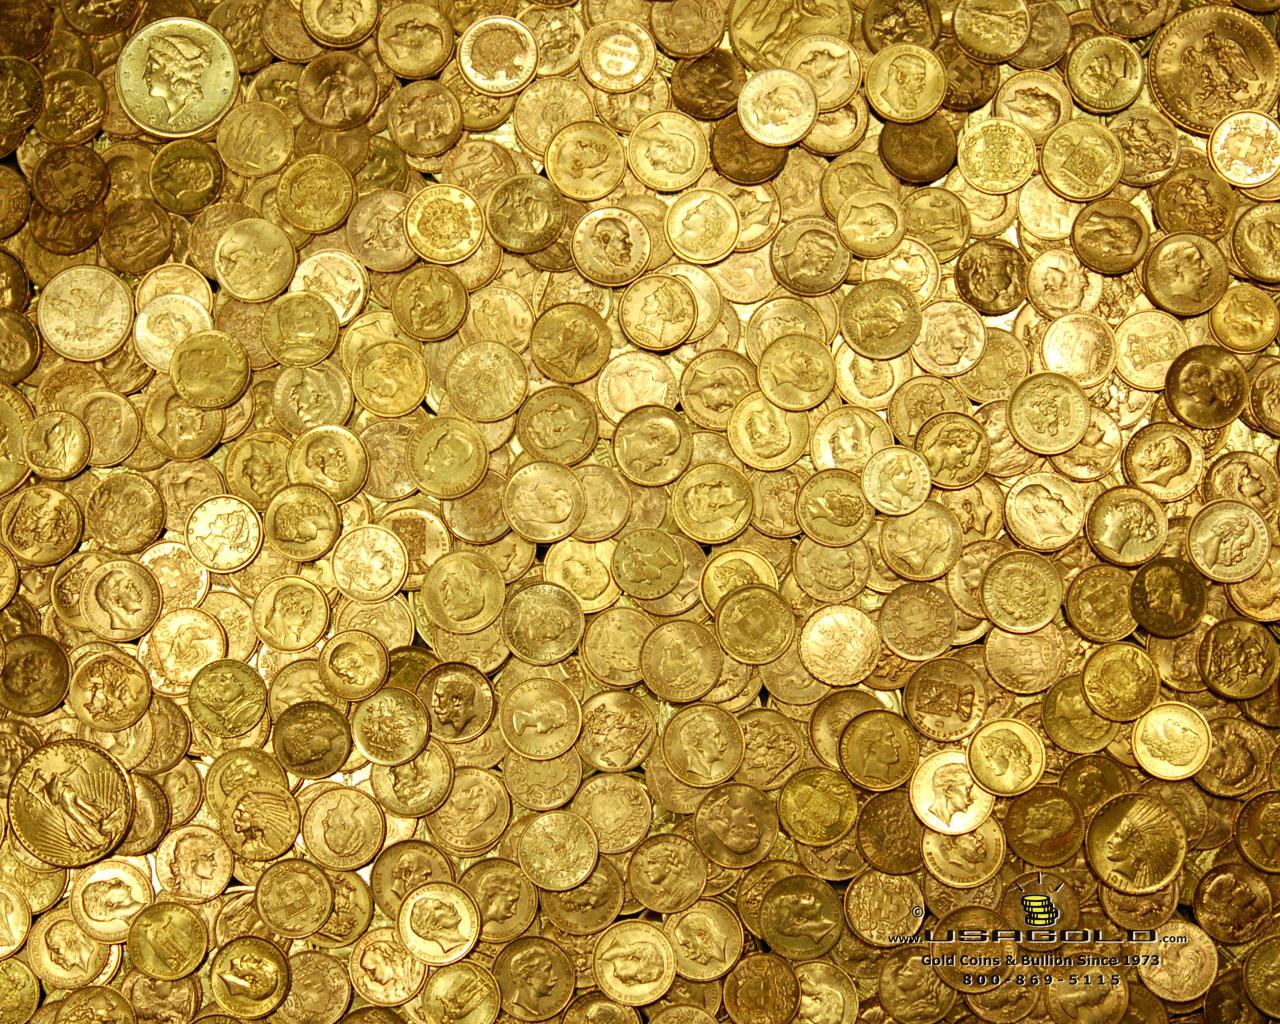 ενεχυροδανειστηρια βορεια προαστια , ενεχυροδανειστηρια βριλησσια , αγορα χρυσου βορεια προαστια